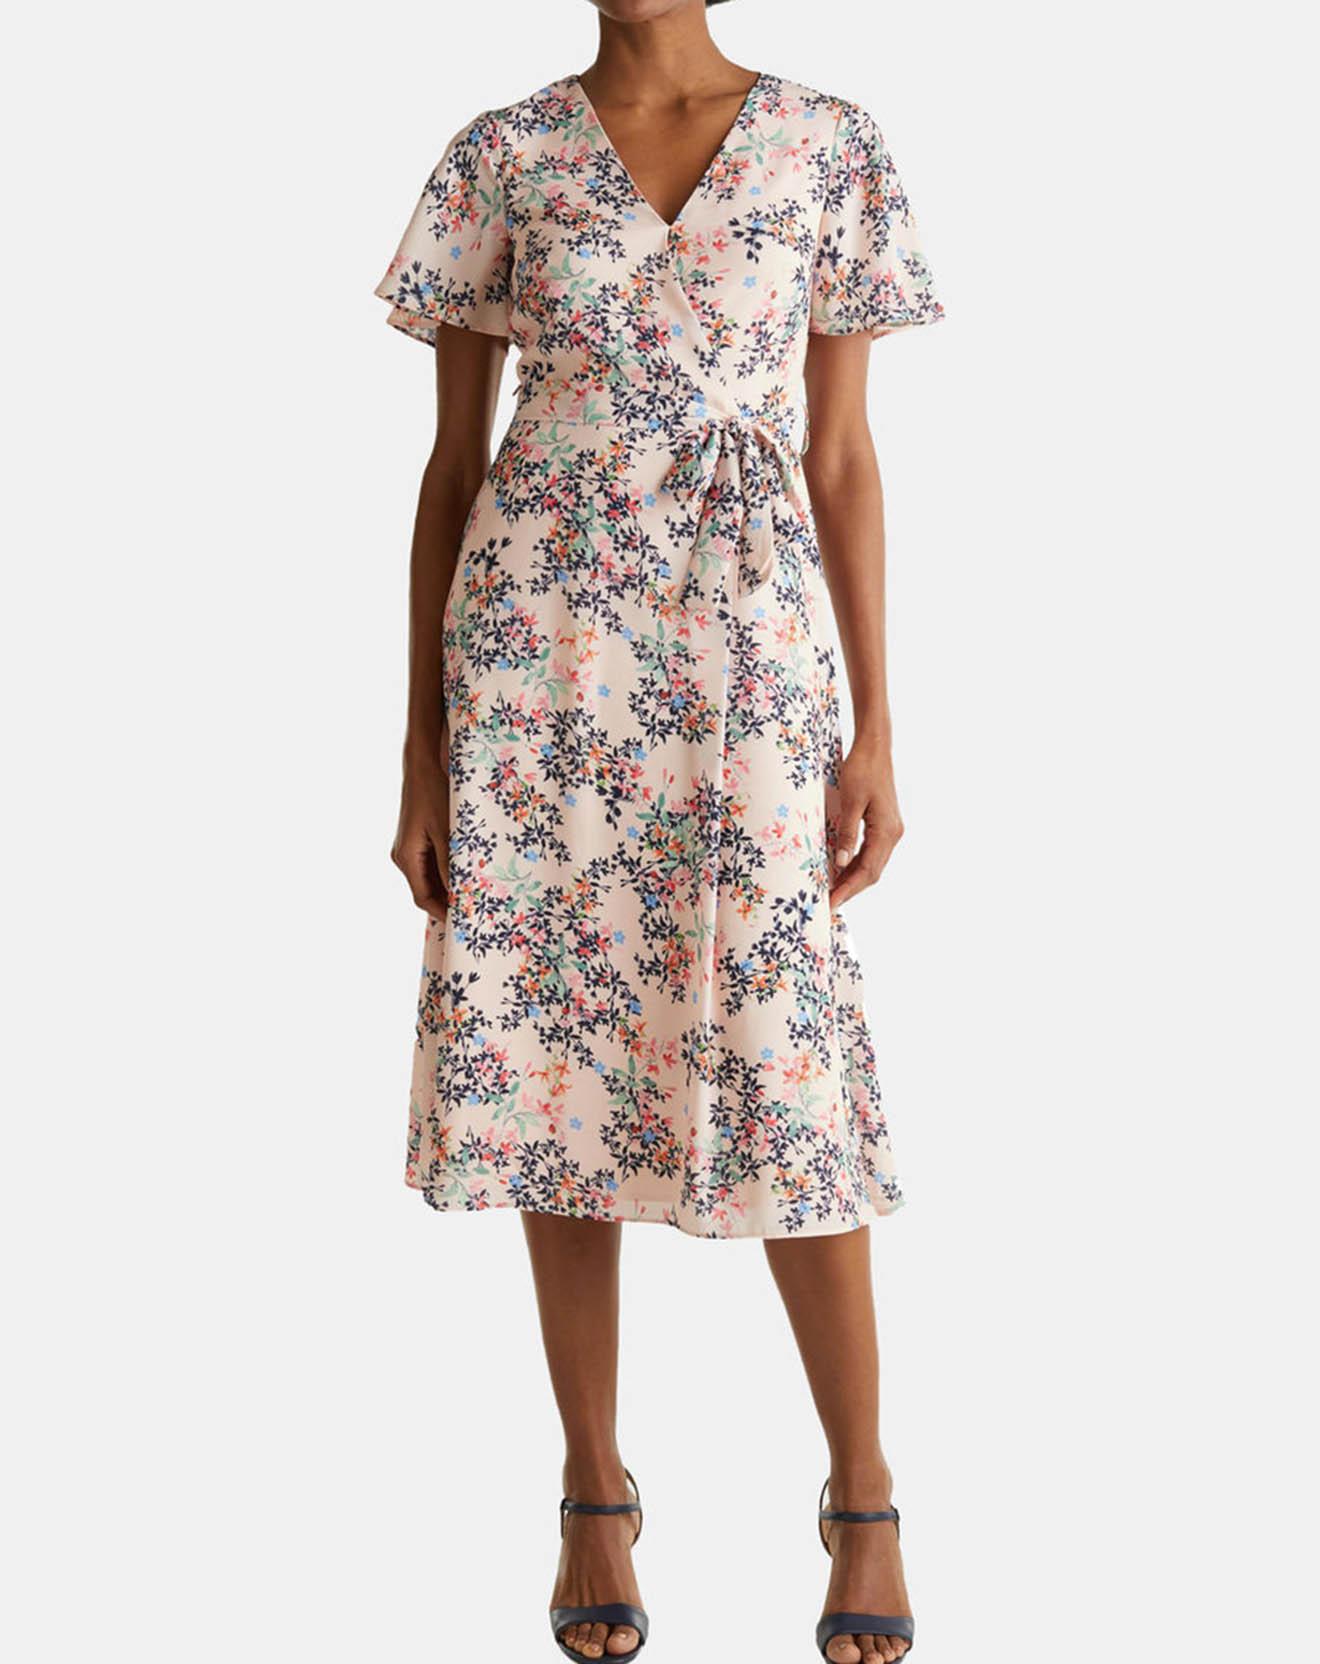 Robe imprimée fleuri rose pâle - Esprit - Modalova